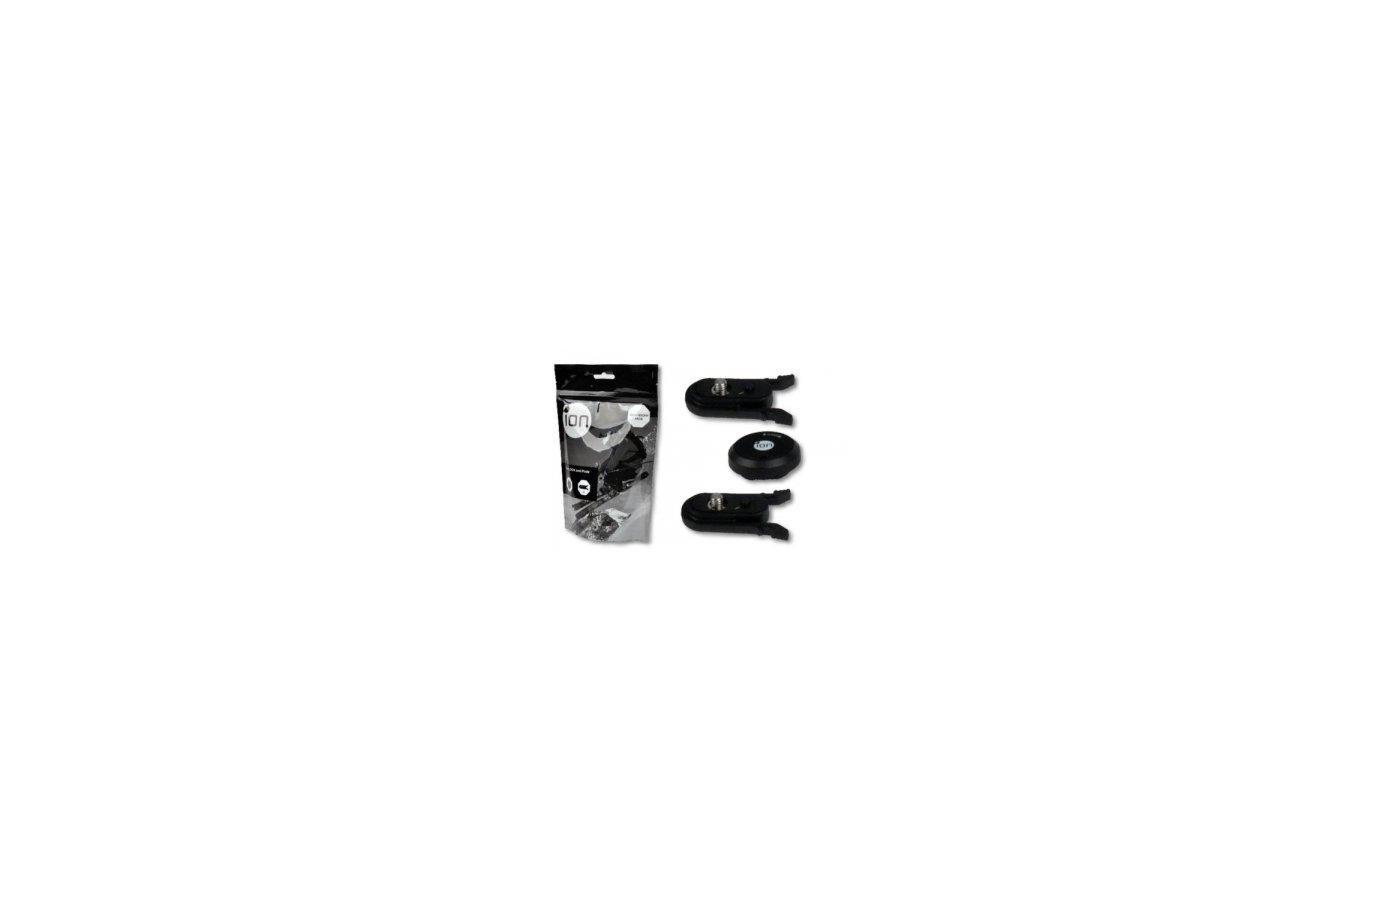 iON Набор-зип: клипса-фиксатор и базовая крышка 5010